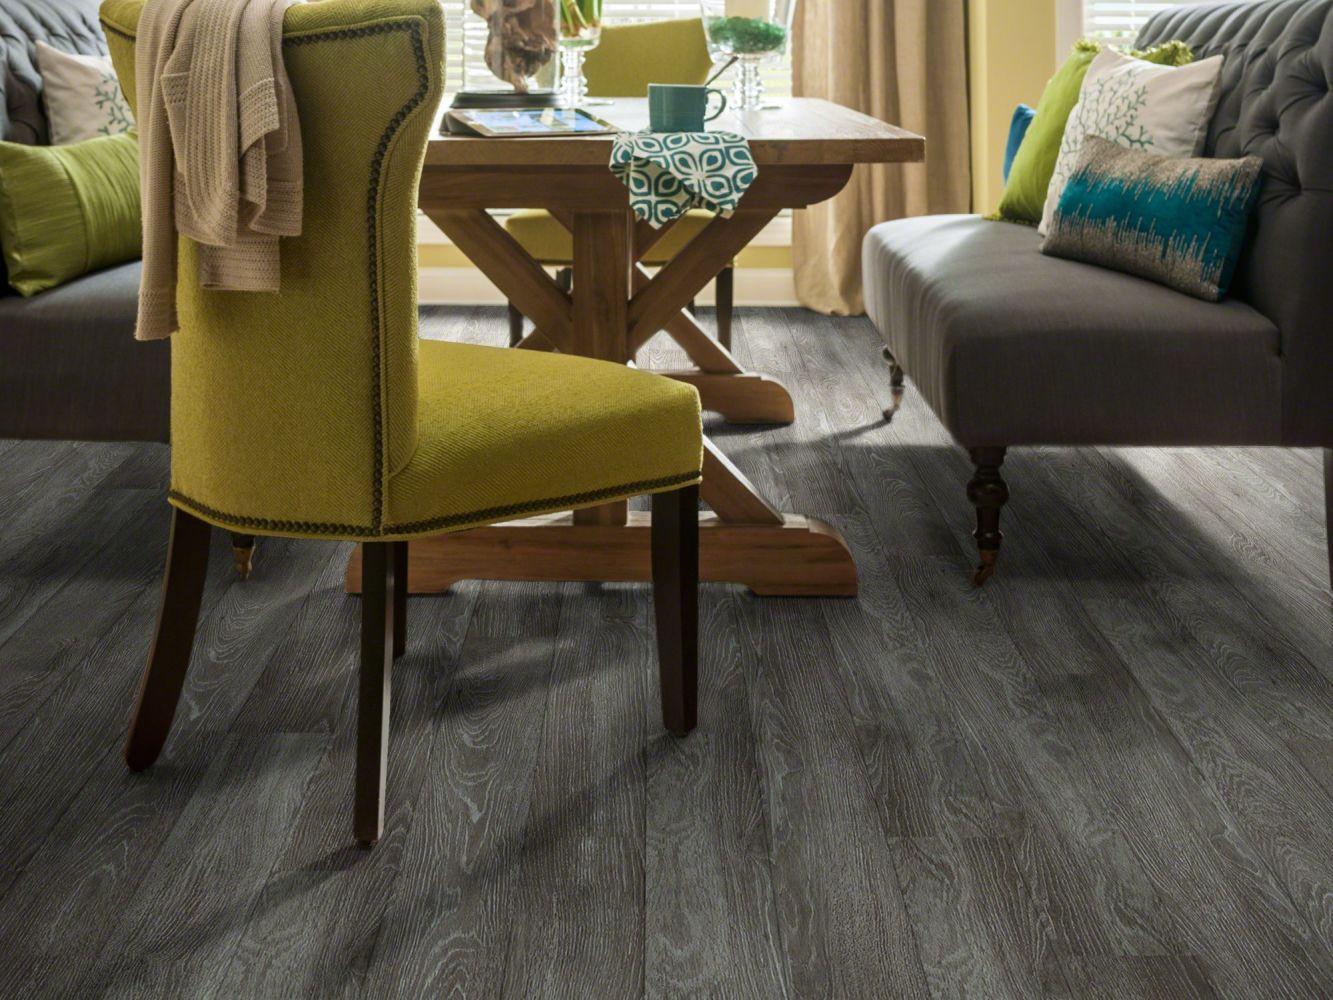 Shaw Floors Vinyl Residential Uptown 12mil King Street 00590_0505V